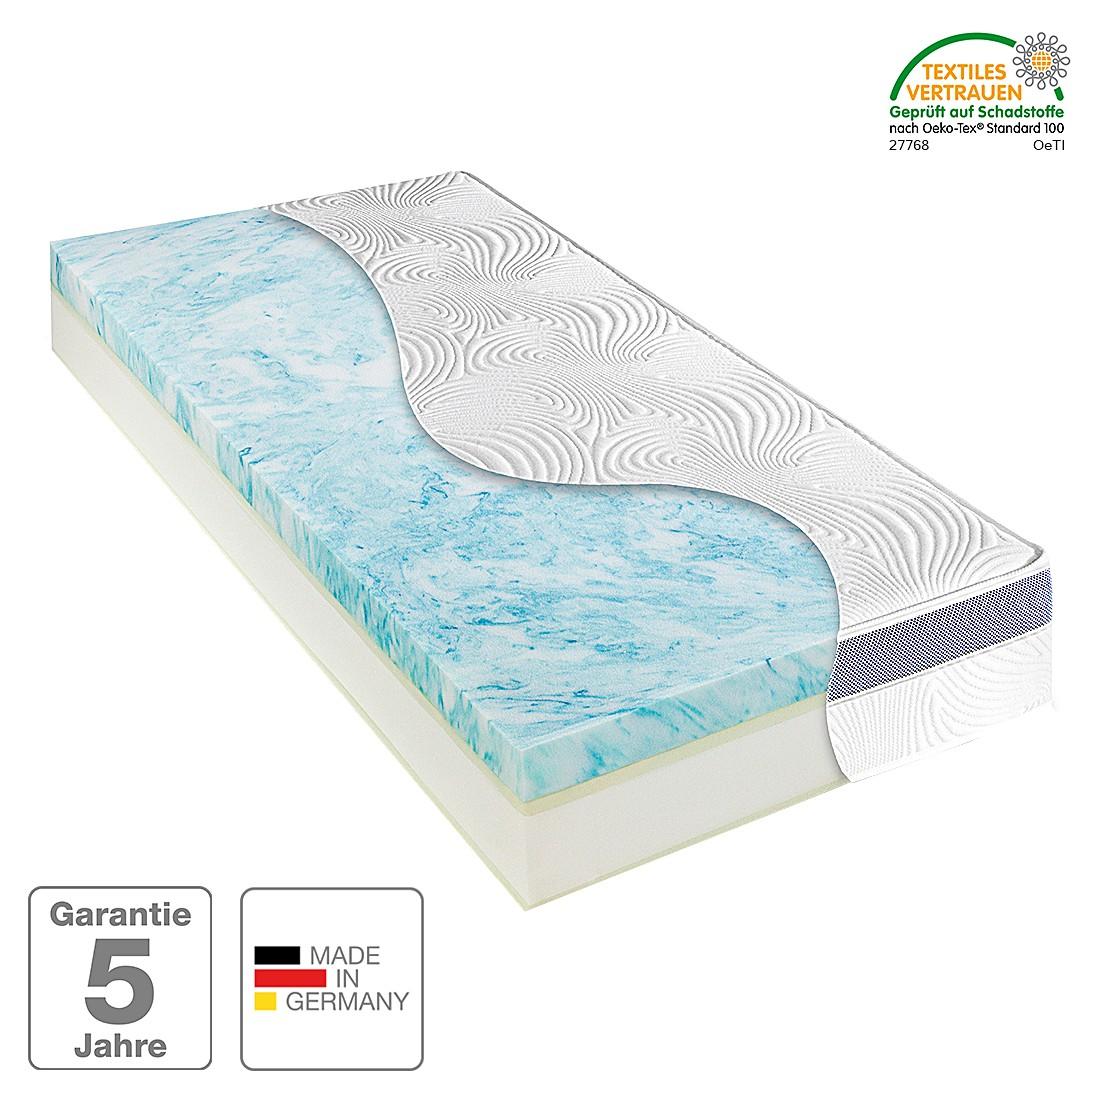 Taschenfederkernmatratze AquaLite 2500 – 80 x 200cm – H2 bis 80 kg, Dunlopillo günstig